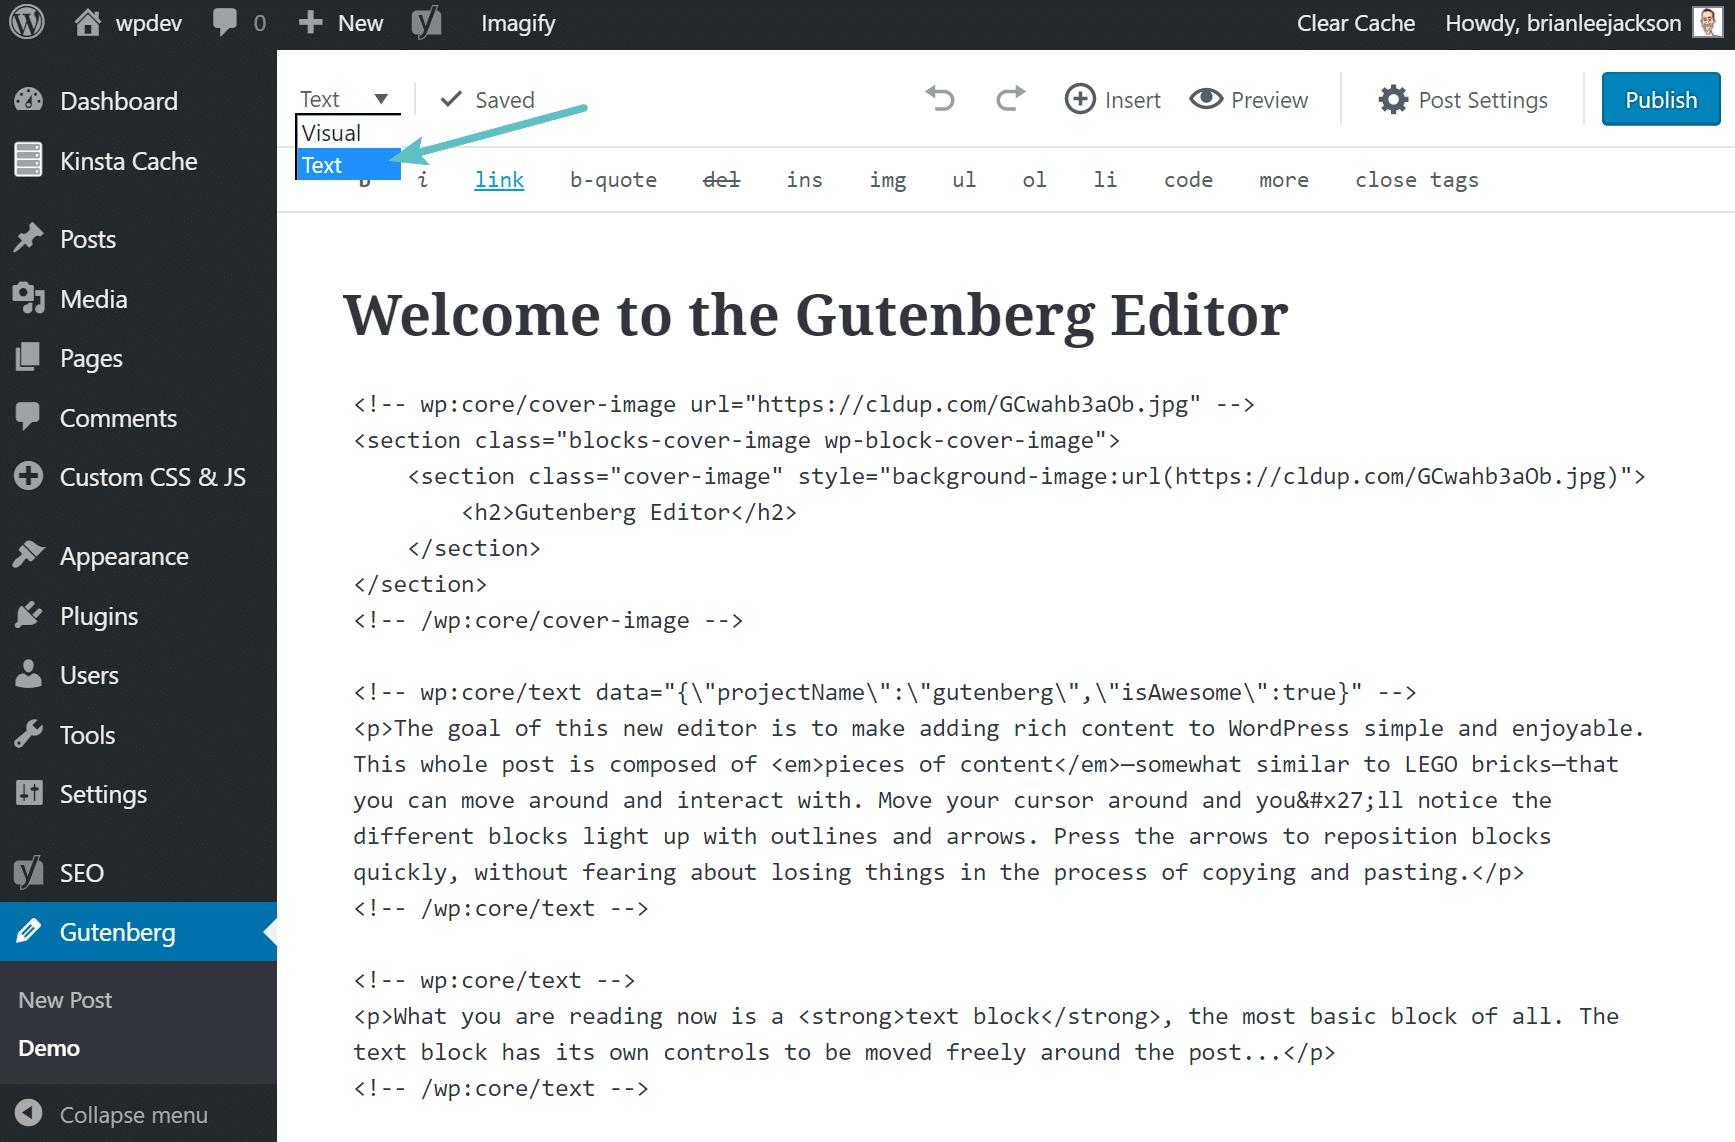 Chuyển đổi giữa code và nhìn để sửa trong Gutenberg